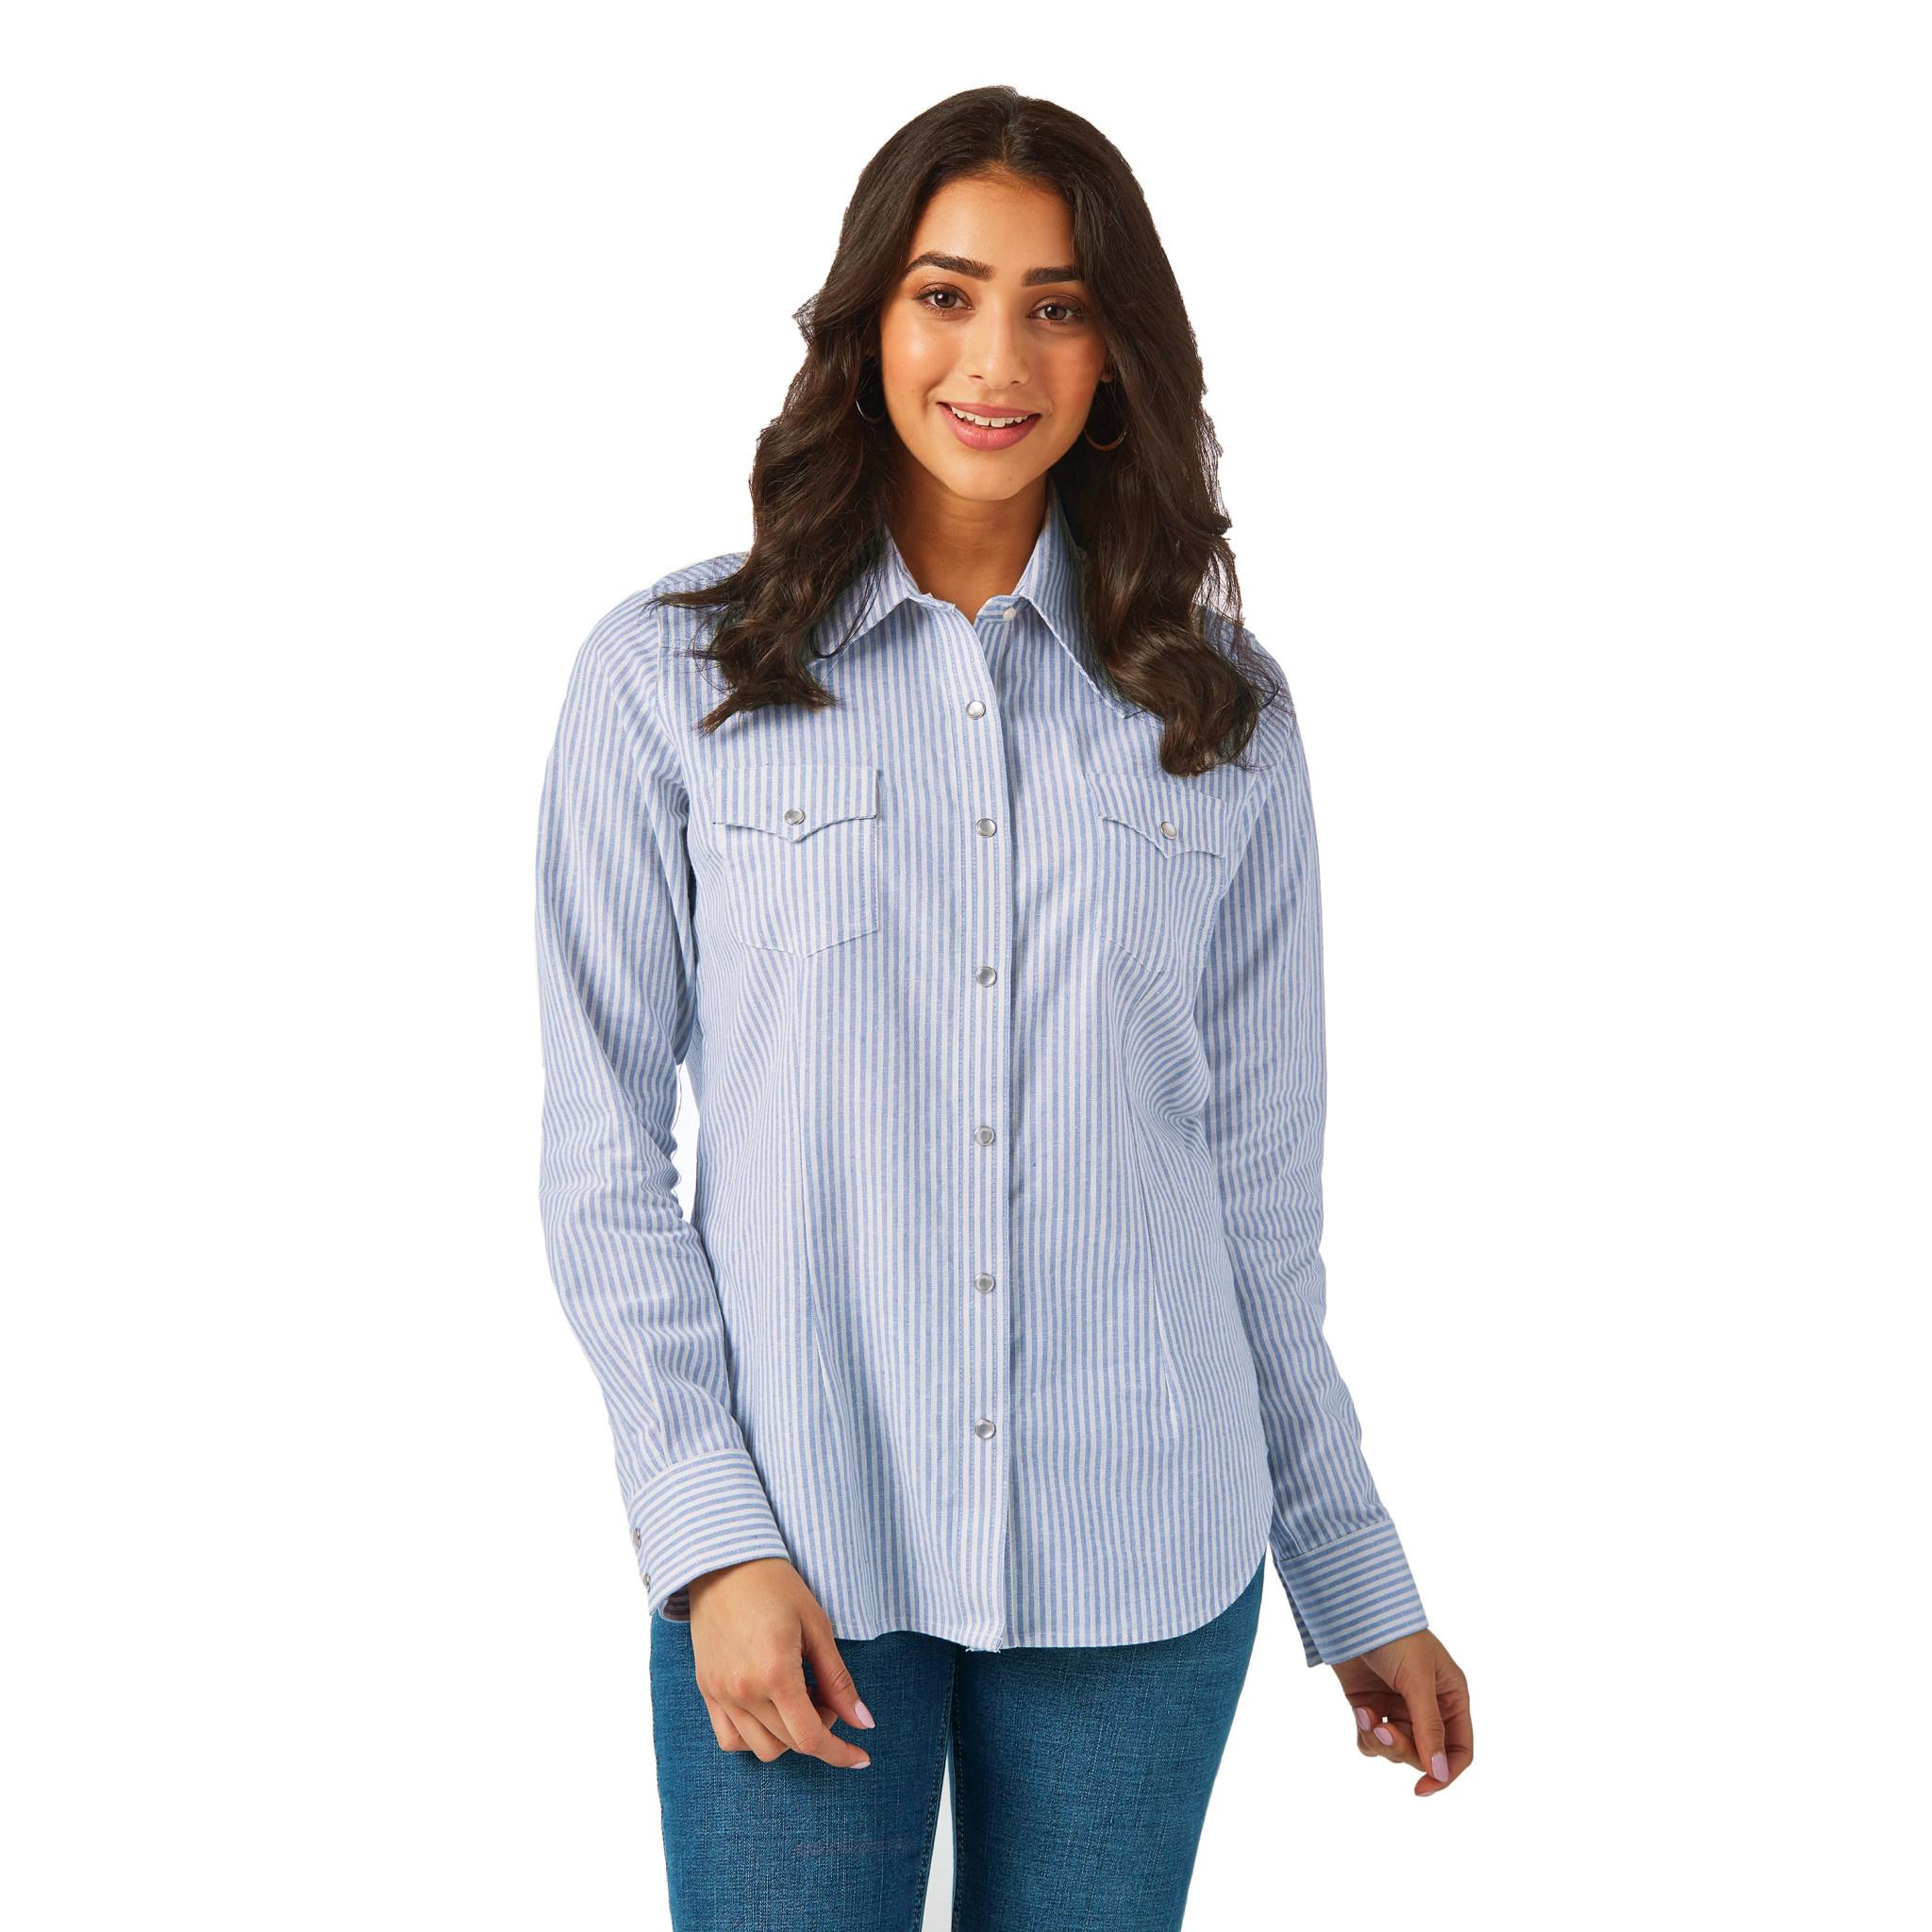 Wrangler Women's Wrangler Blue/White Stripe Western Shirt